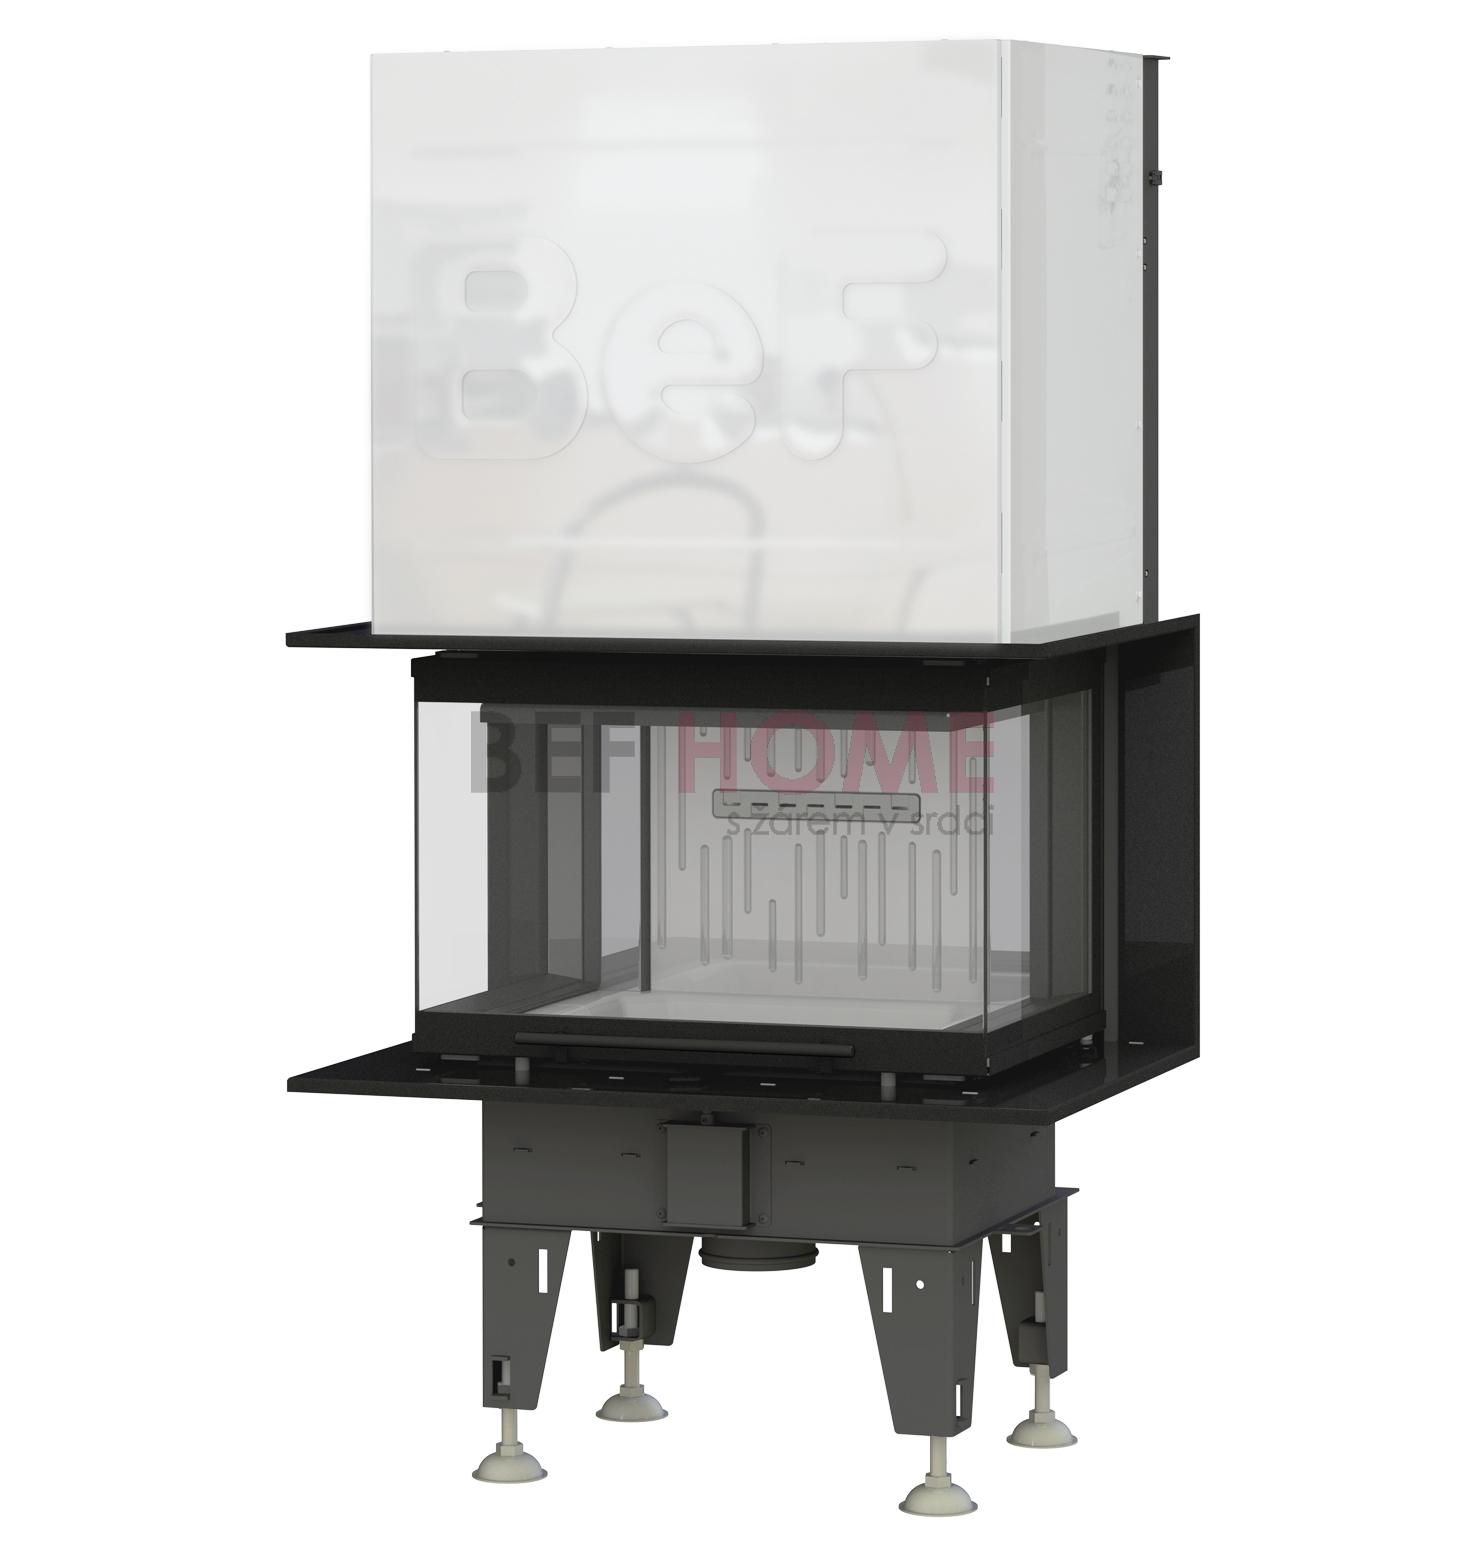 bef trend v6 c warmluft kamineinsatz panorama hochschiebbar 6 kw thermoworld ofenshop. Black Bedroom Furniture Sets. Home Design Ideas